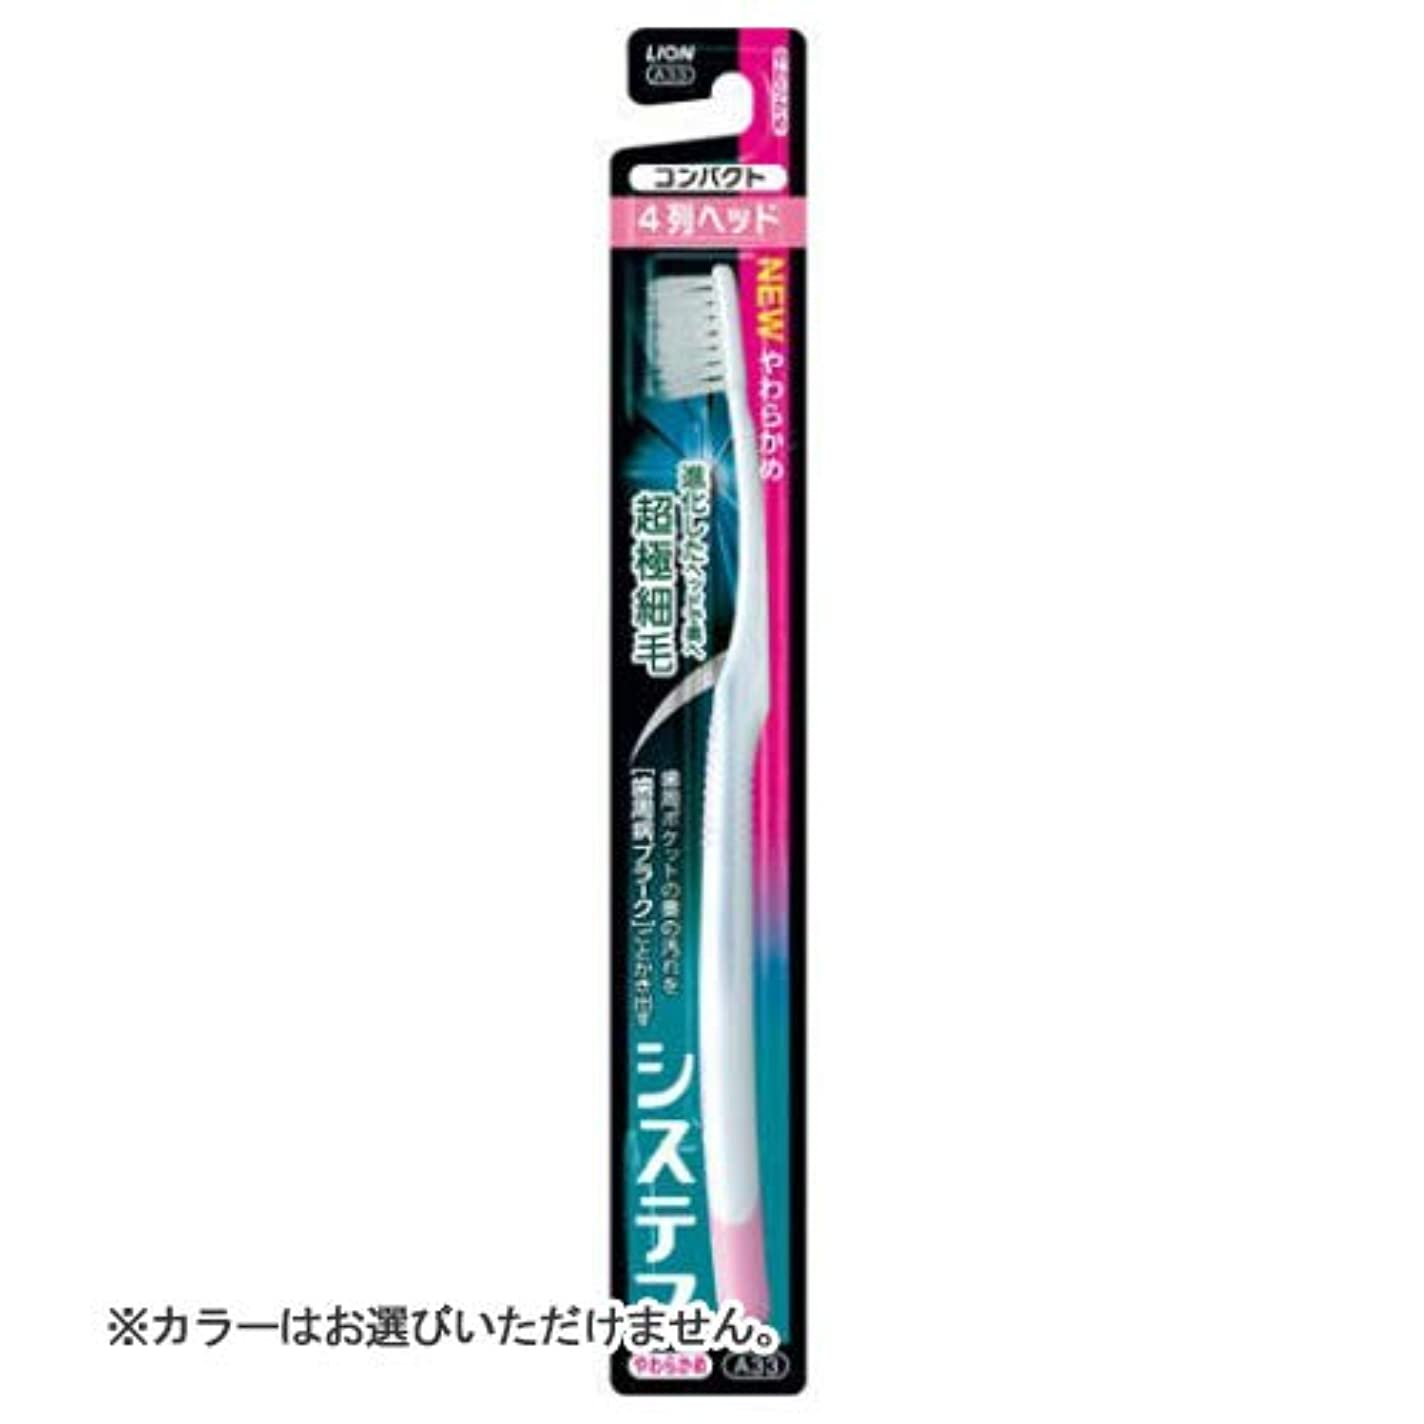 印象派賢明なロビーライオン システマ ハブラシ コンパクト4列 やわらかめ (1本) 大人用 歯ブラシ